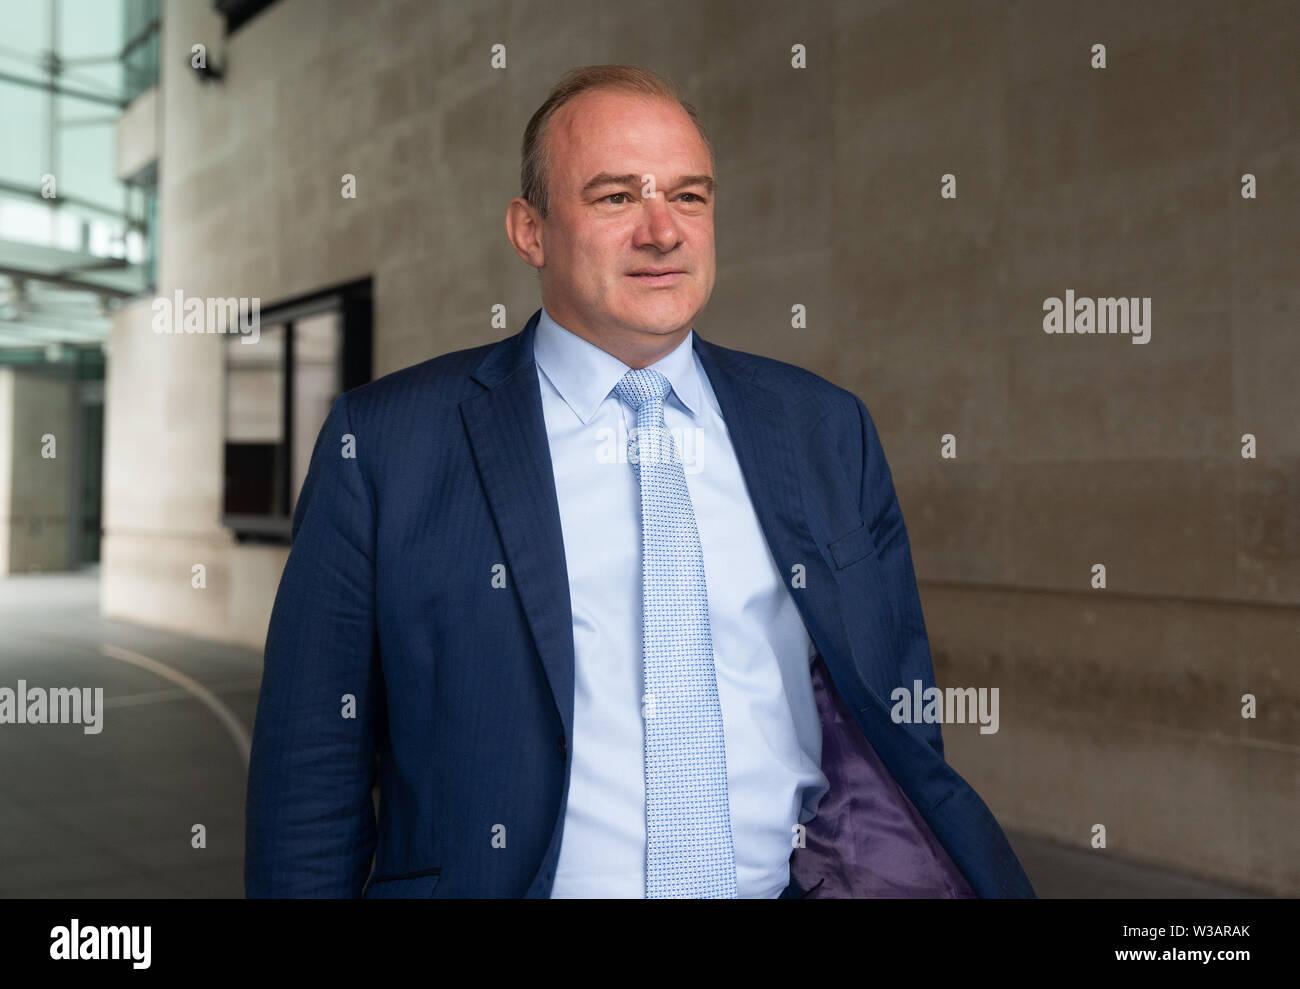 """Londres, Reino Unido. El 14 de julio, 2019. Leadeship contrincante Demócrata Liberal, Ed Davey, deja la BBC Studios después de aparecer en """"Andrew Marr Show televisivo'. Crédito: Tommy Londres/Alamy Live News Foto de stock"""